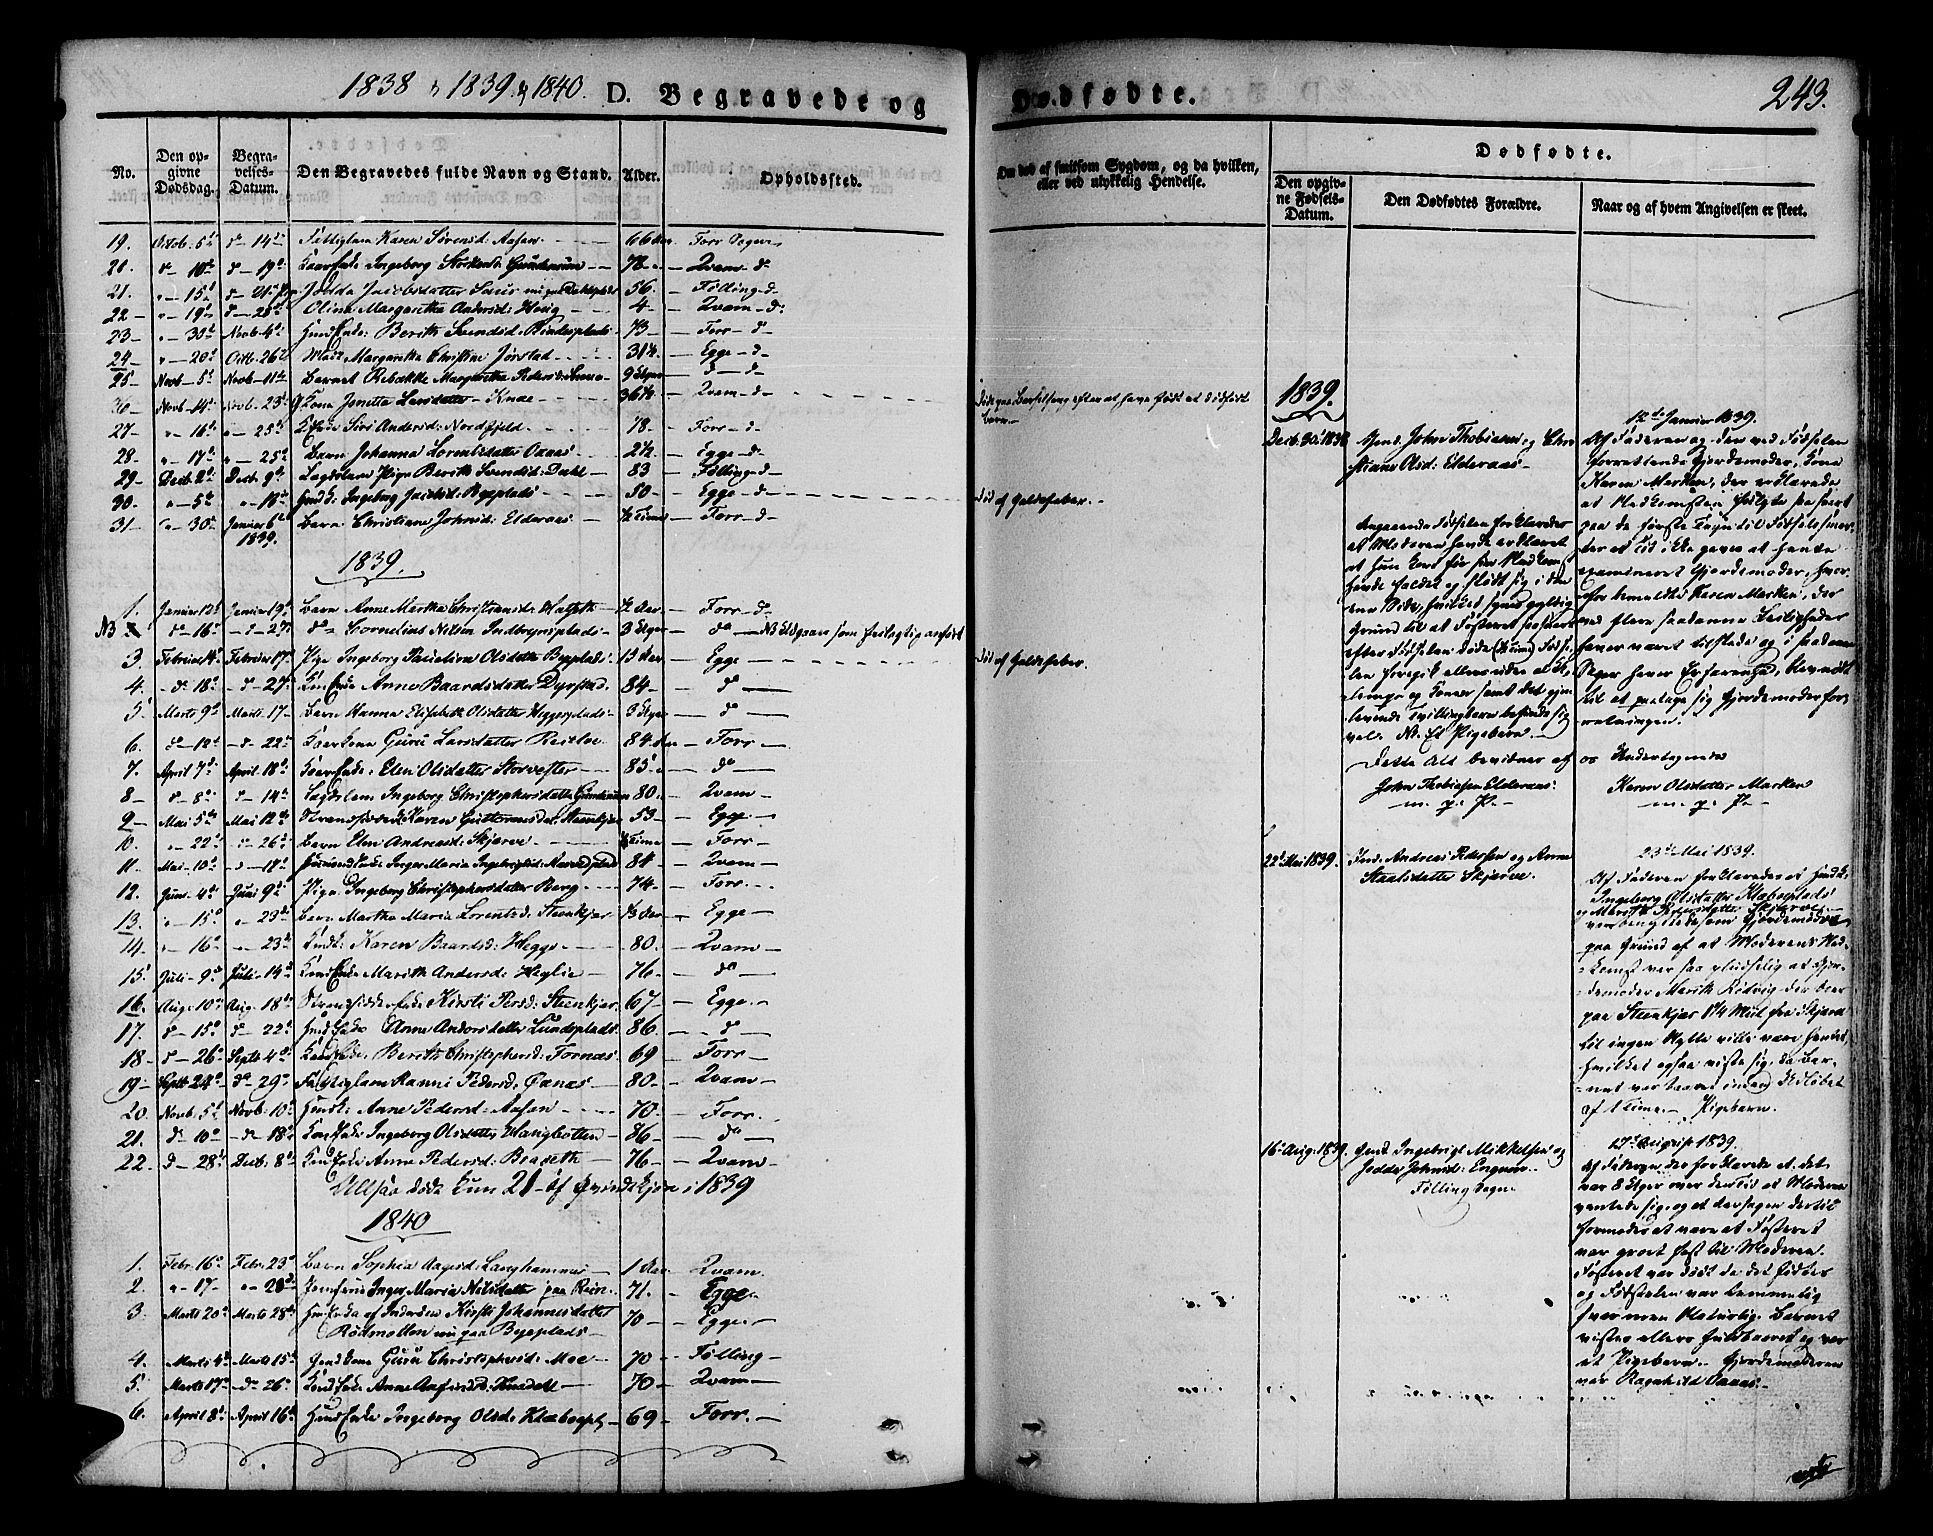 SAT, Ministerialprotokoller, klokkerbøker og fødselsregistre - Nord-Trøndelag, 746/L0445: Ministerialbok nr. 746A04, 1826-1846, s. 243